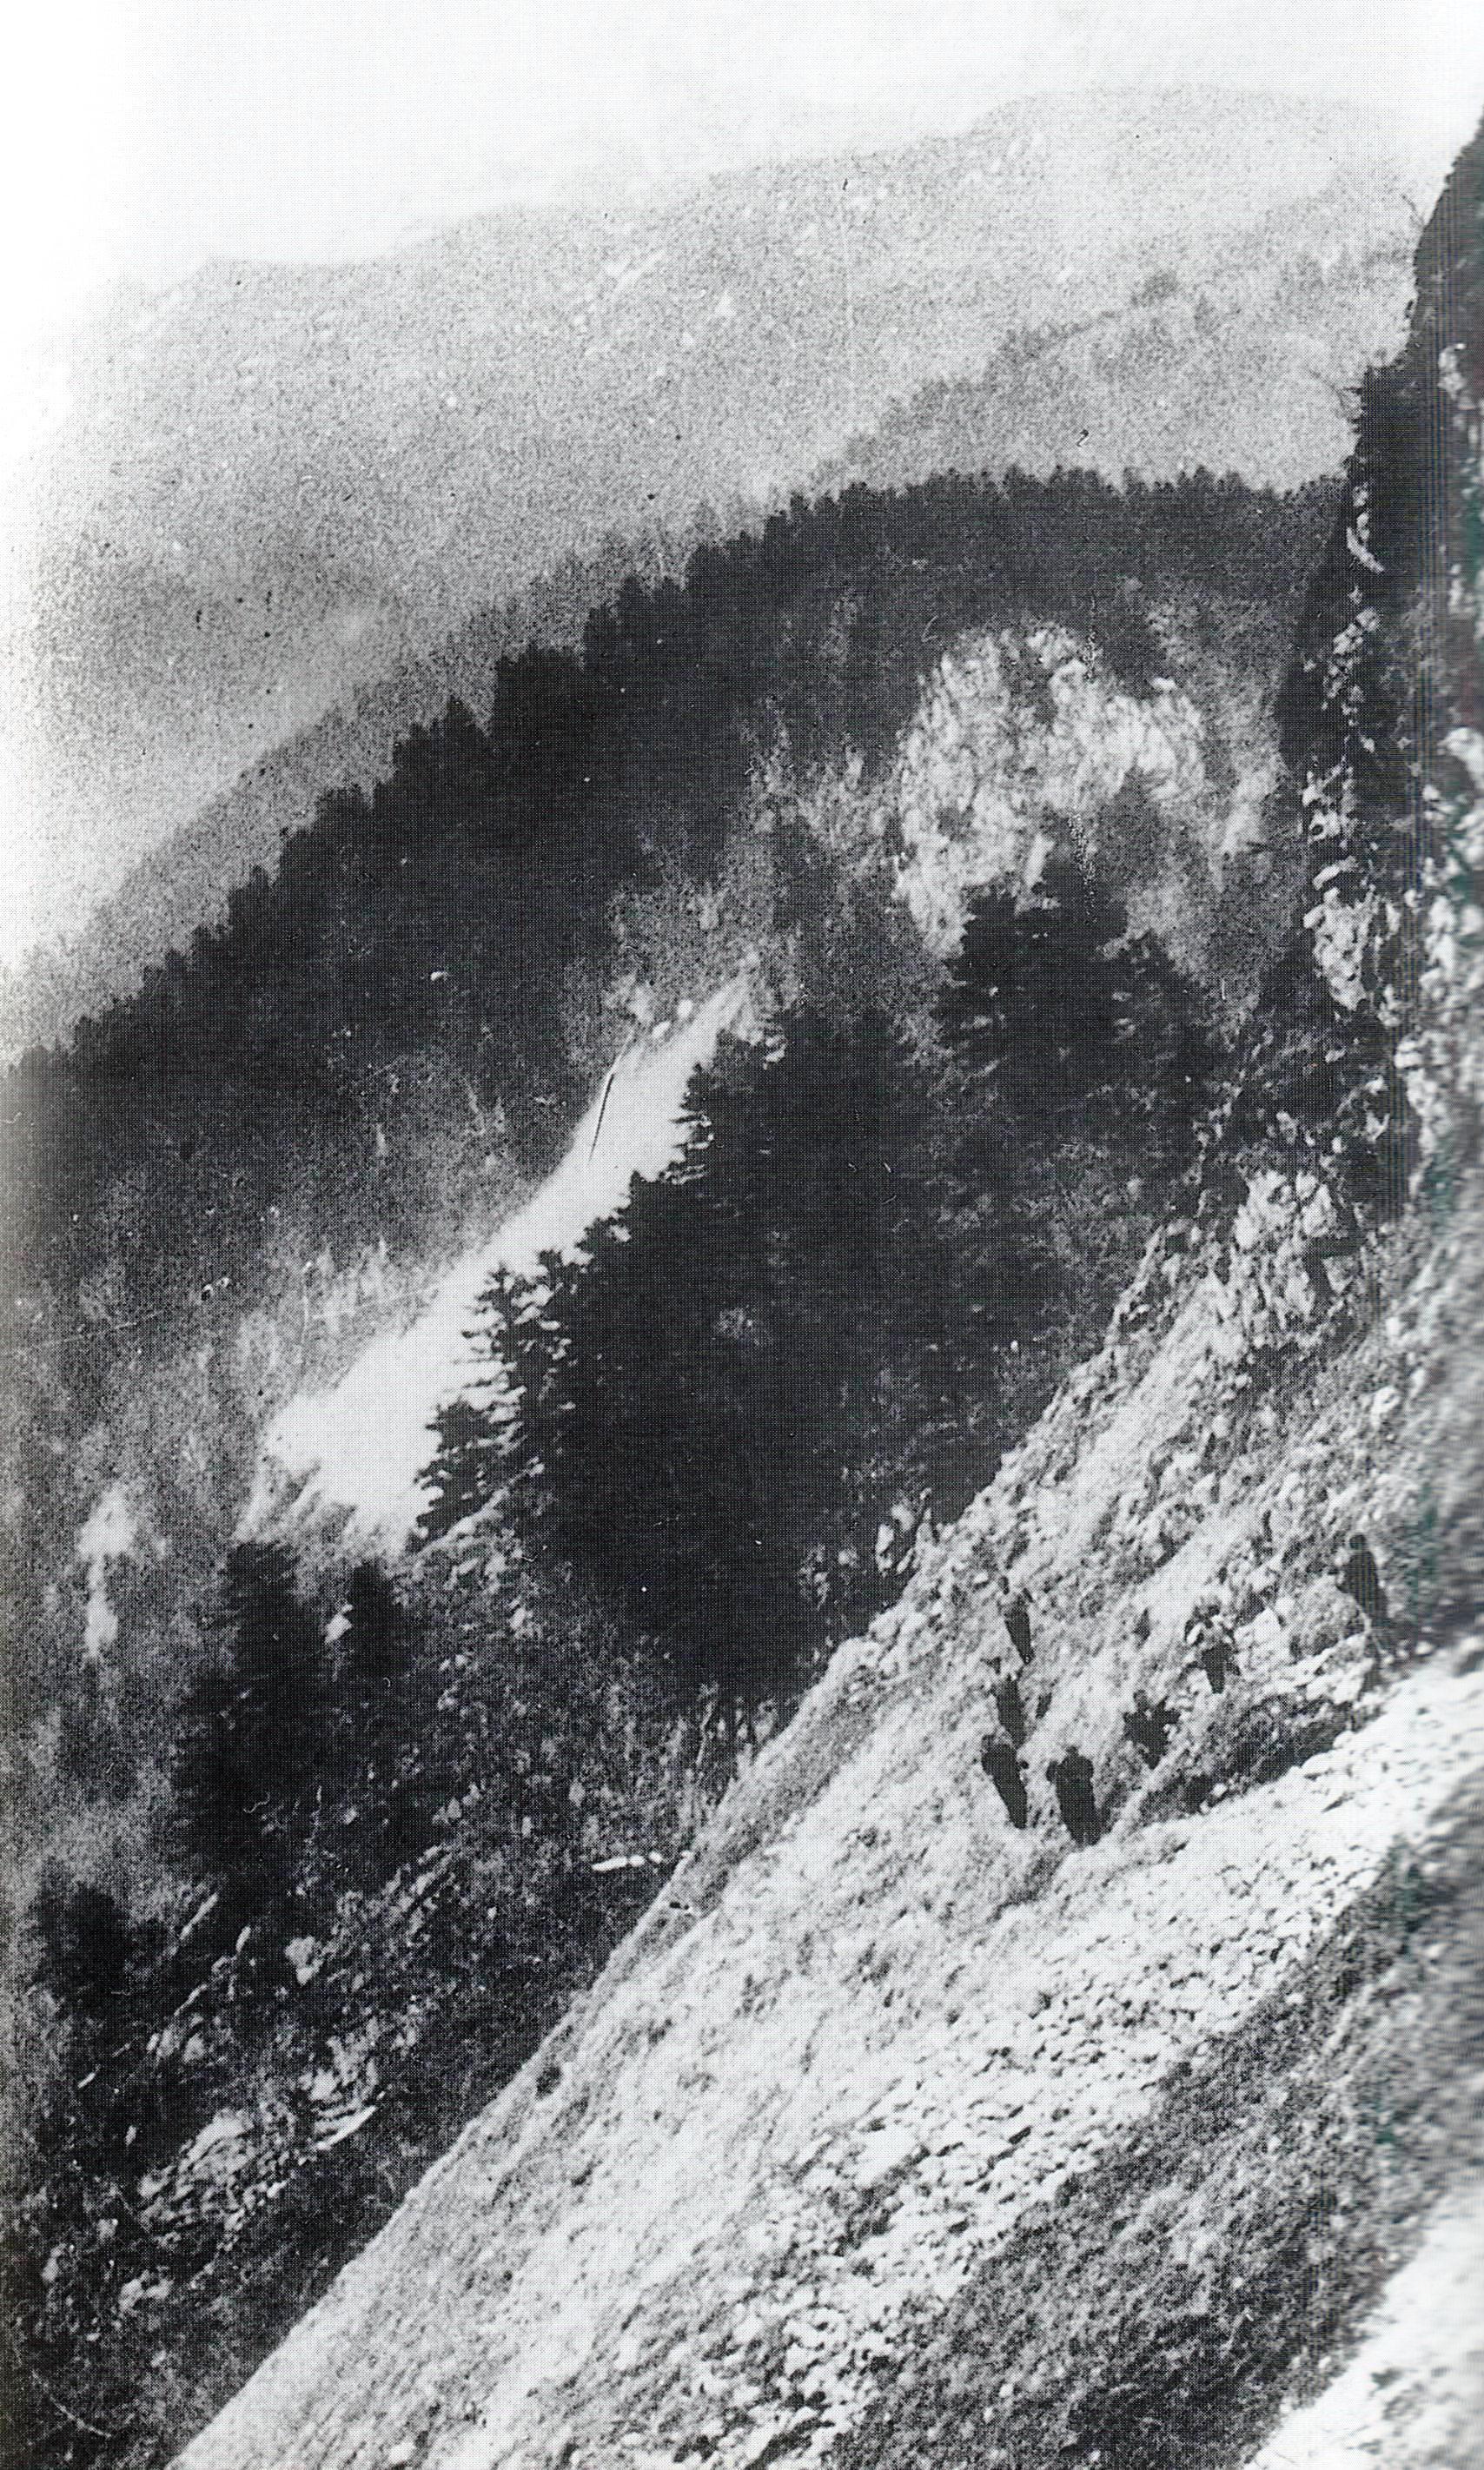 Grupo guerrillero cruzando los Pirineos a finales de 1944.